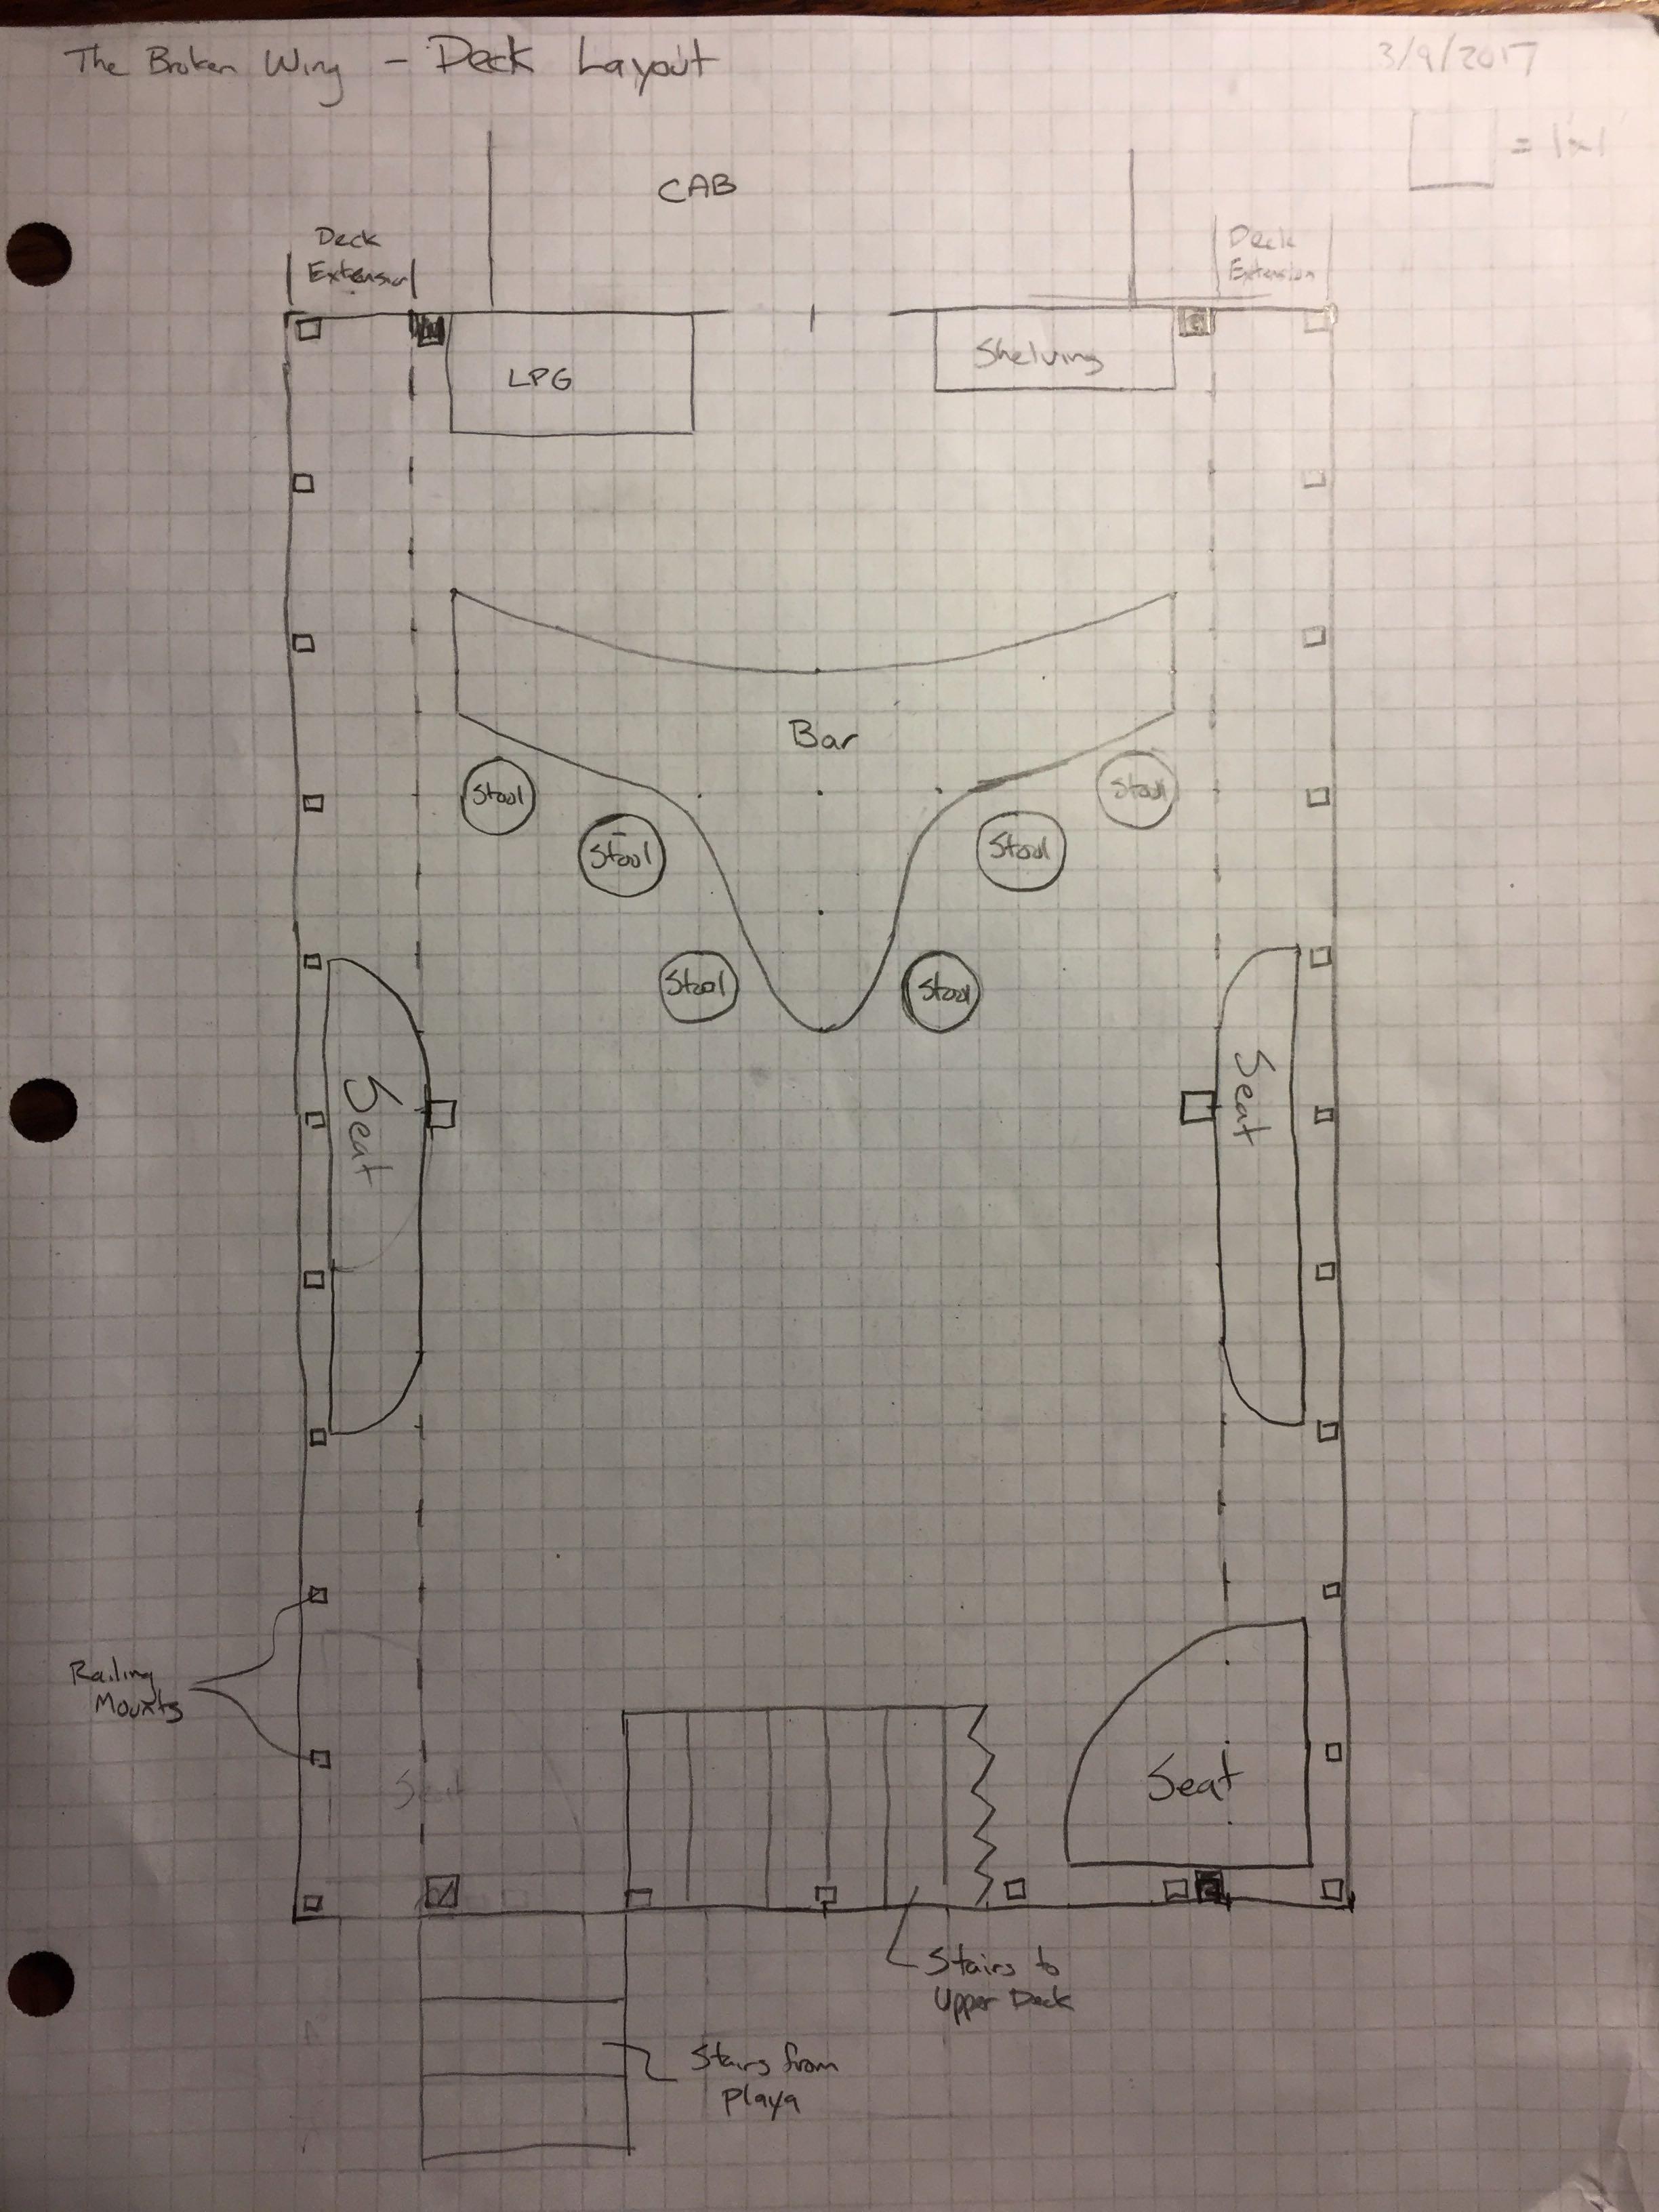 3_deck_layout